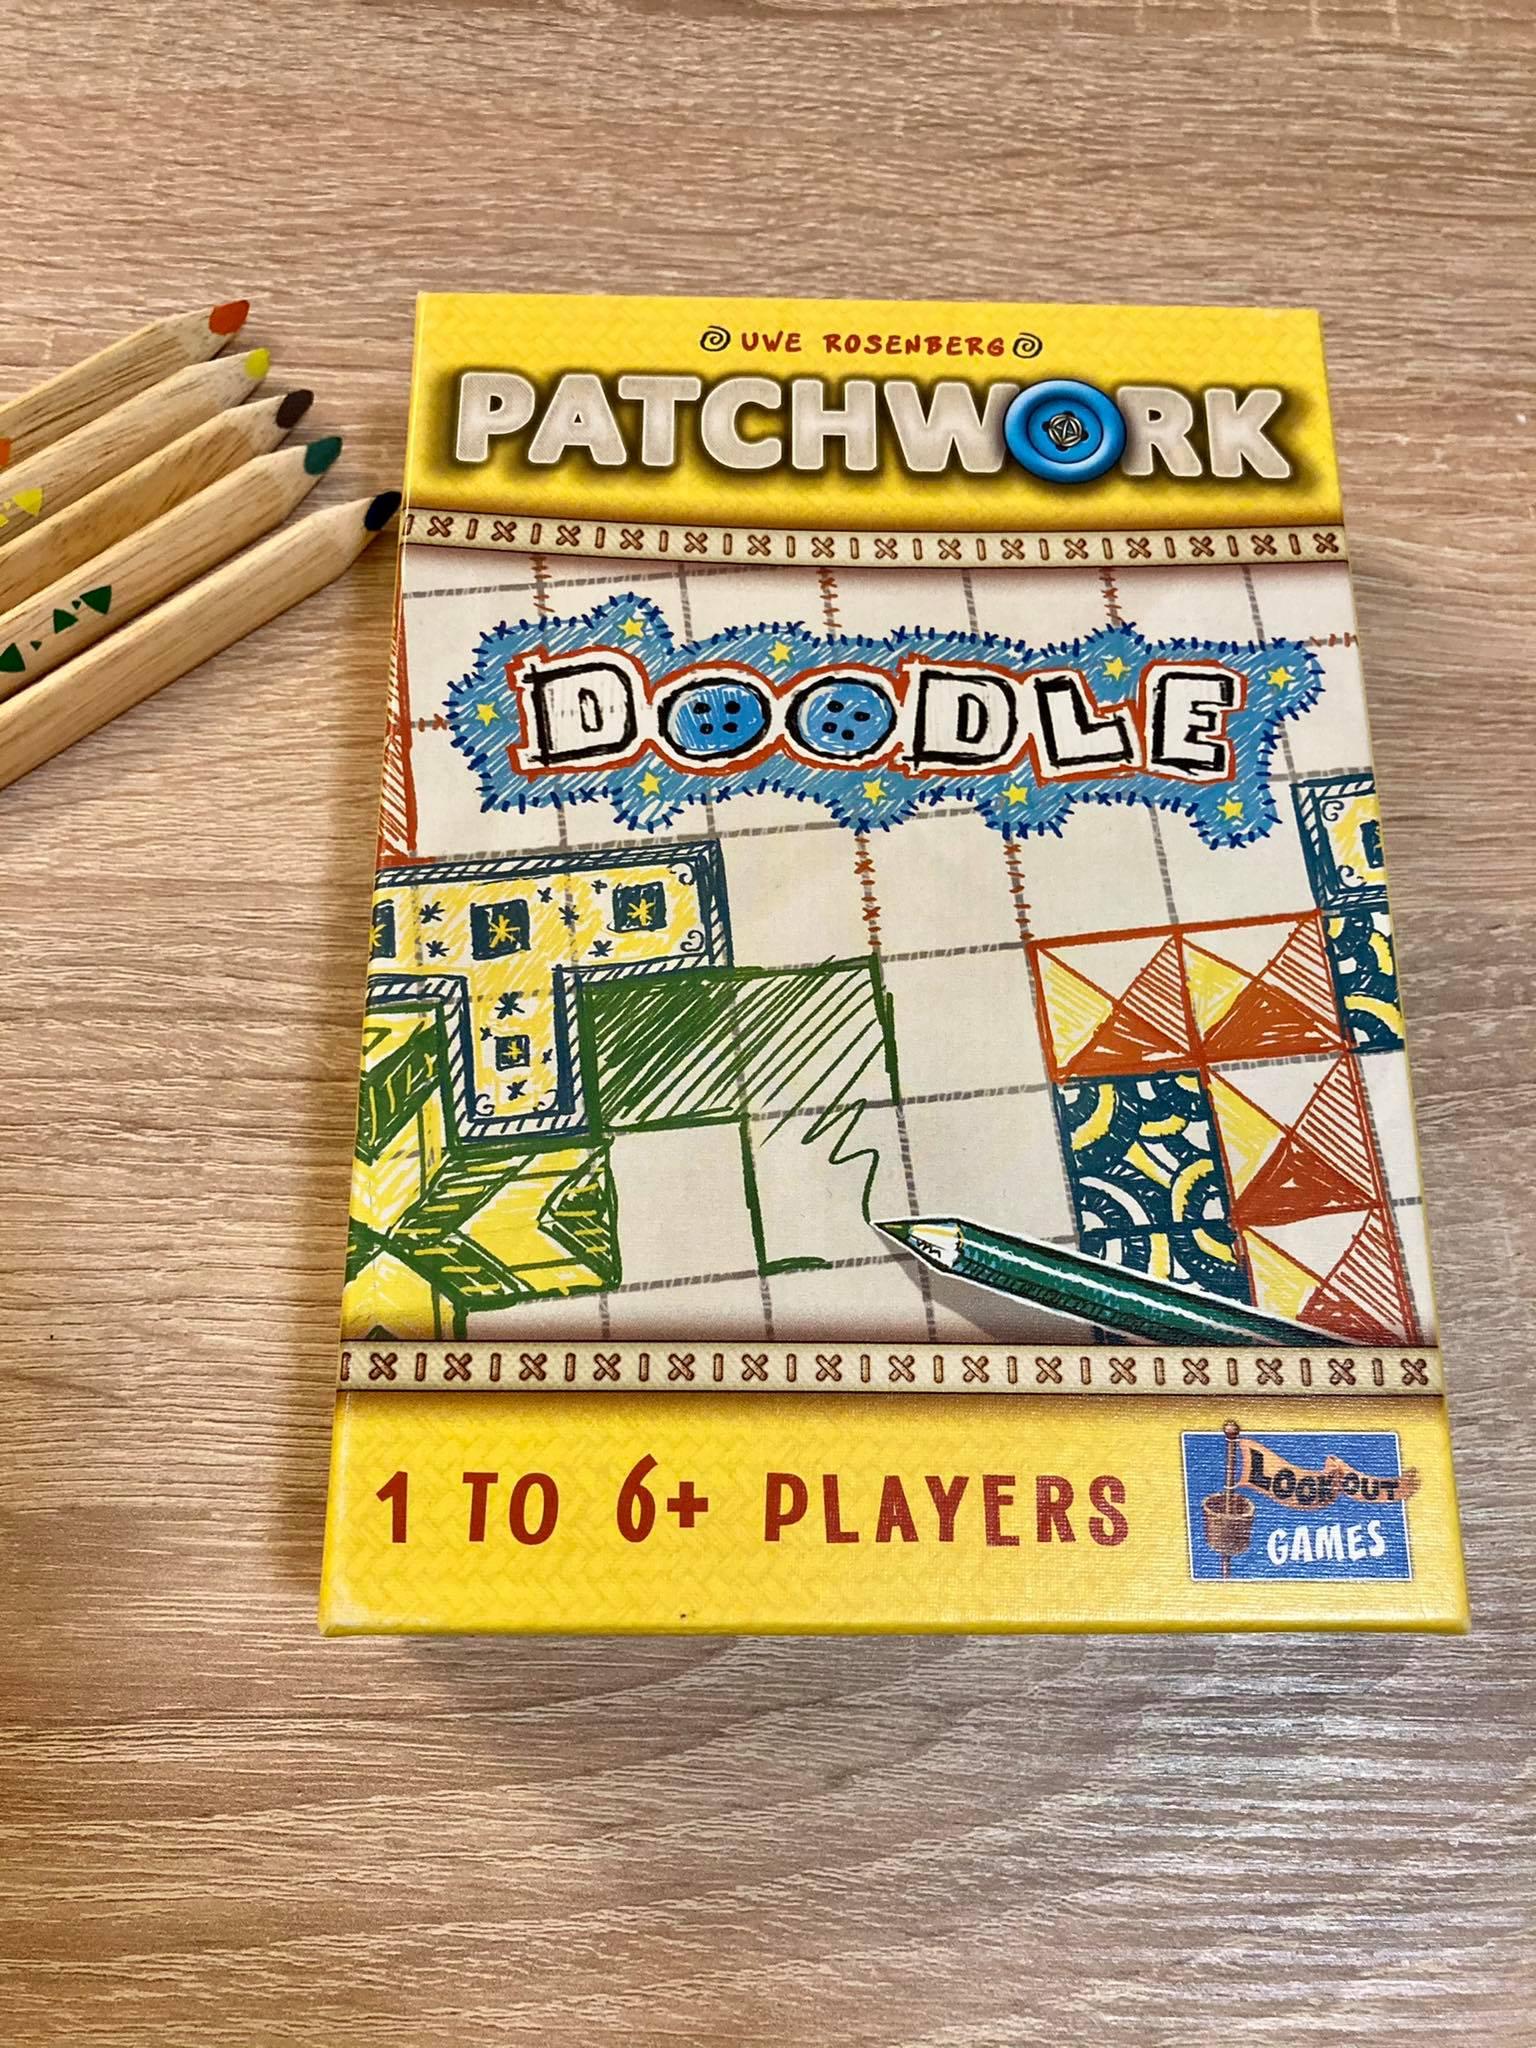 Patchwork Doodle - náhled krabice